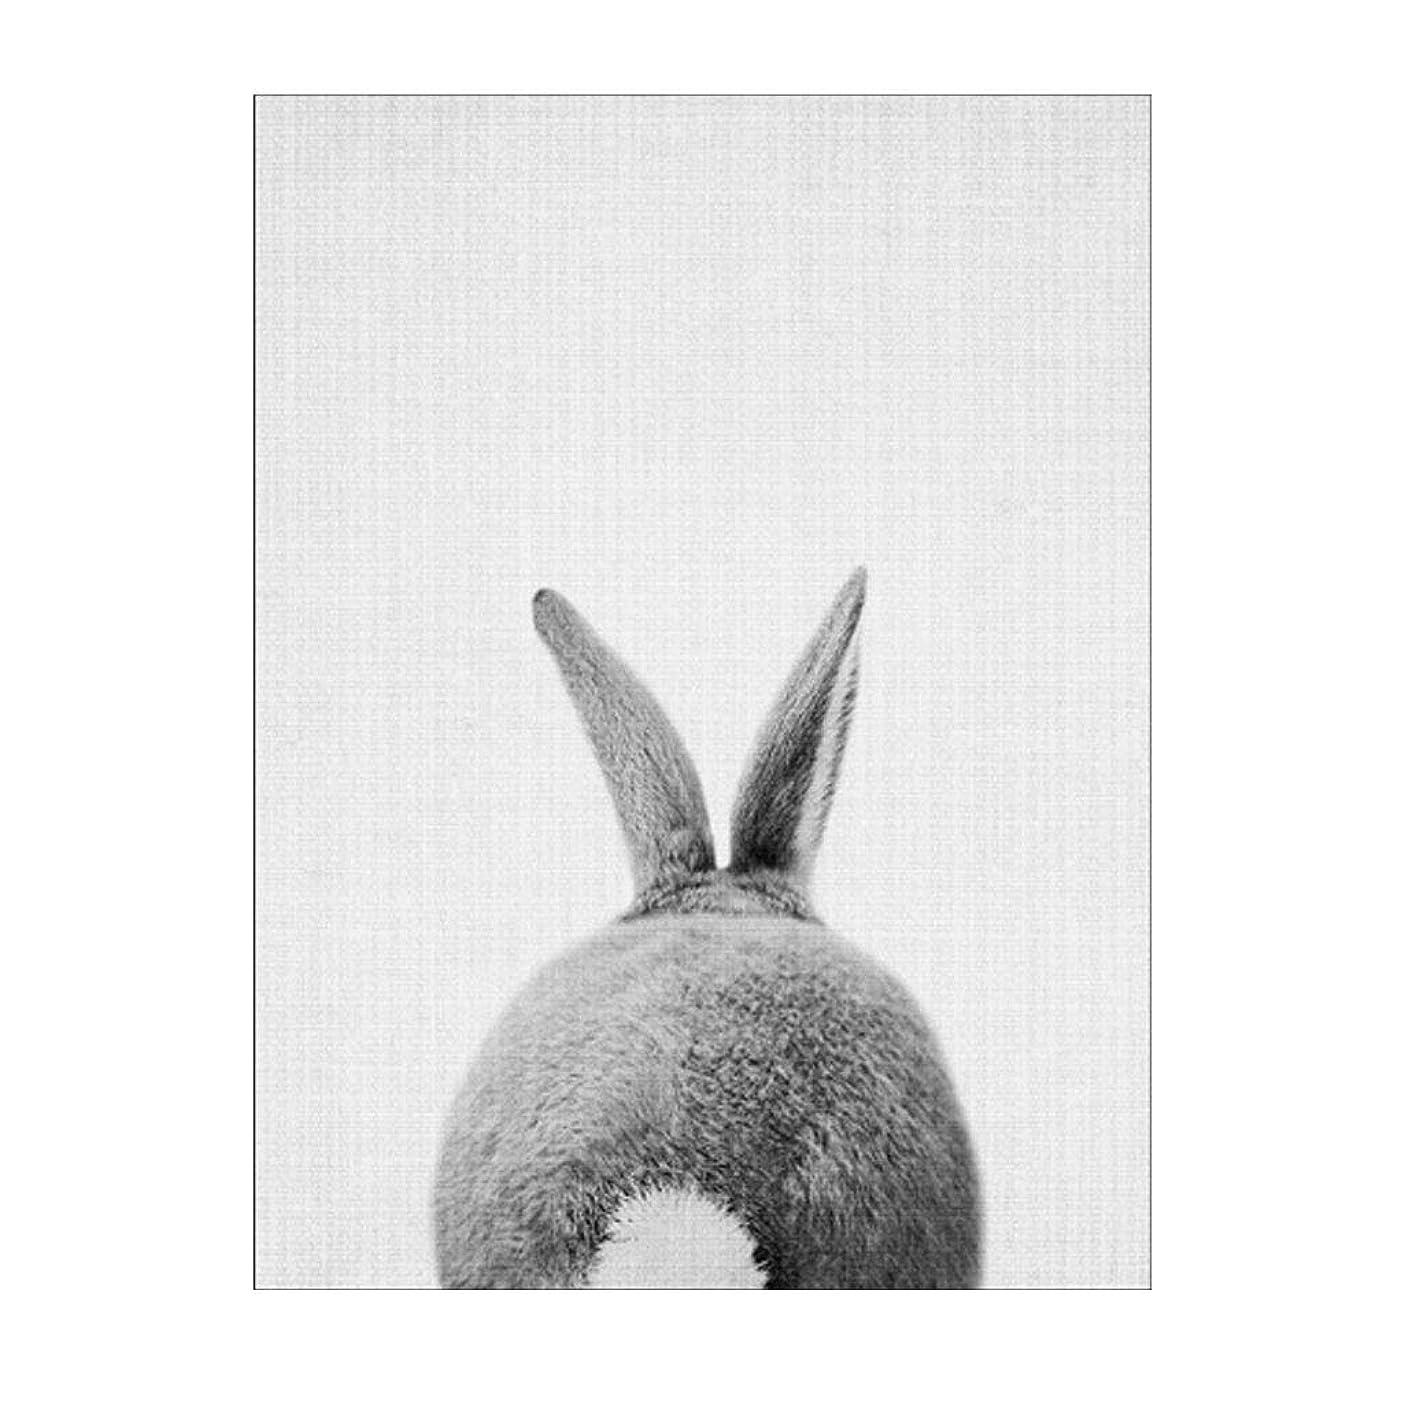 減らす放射する期待してYANW キャンバスプリントアート画像ポスターアートワークHDプリントウサギグレーフレームなしのリビングルームの装飾壁 (Color : B, Size : 21*30cm)